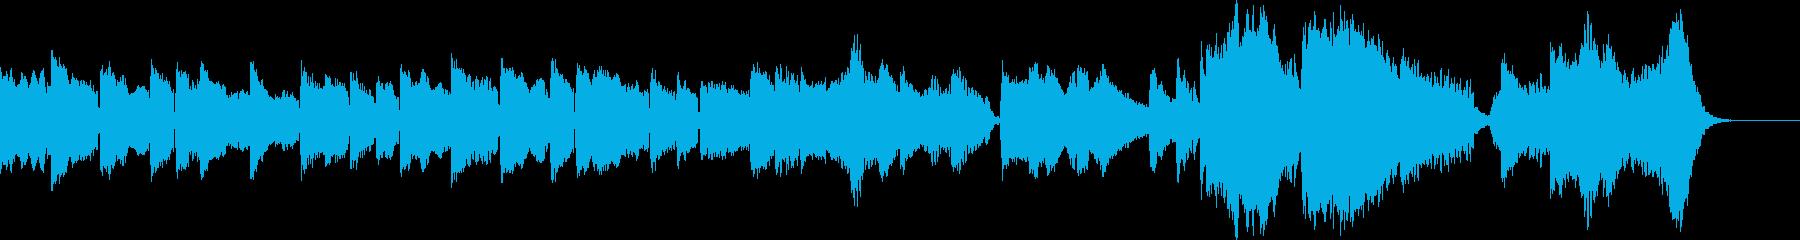 癒: あたたかく、やさしい雰囲気の曲の再生済みの波形